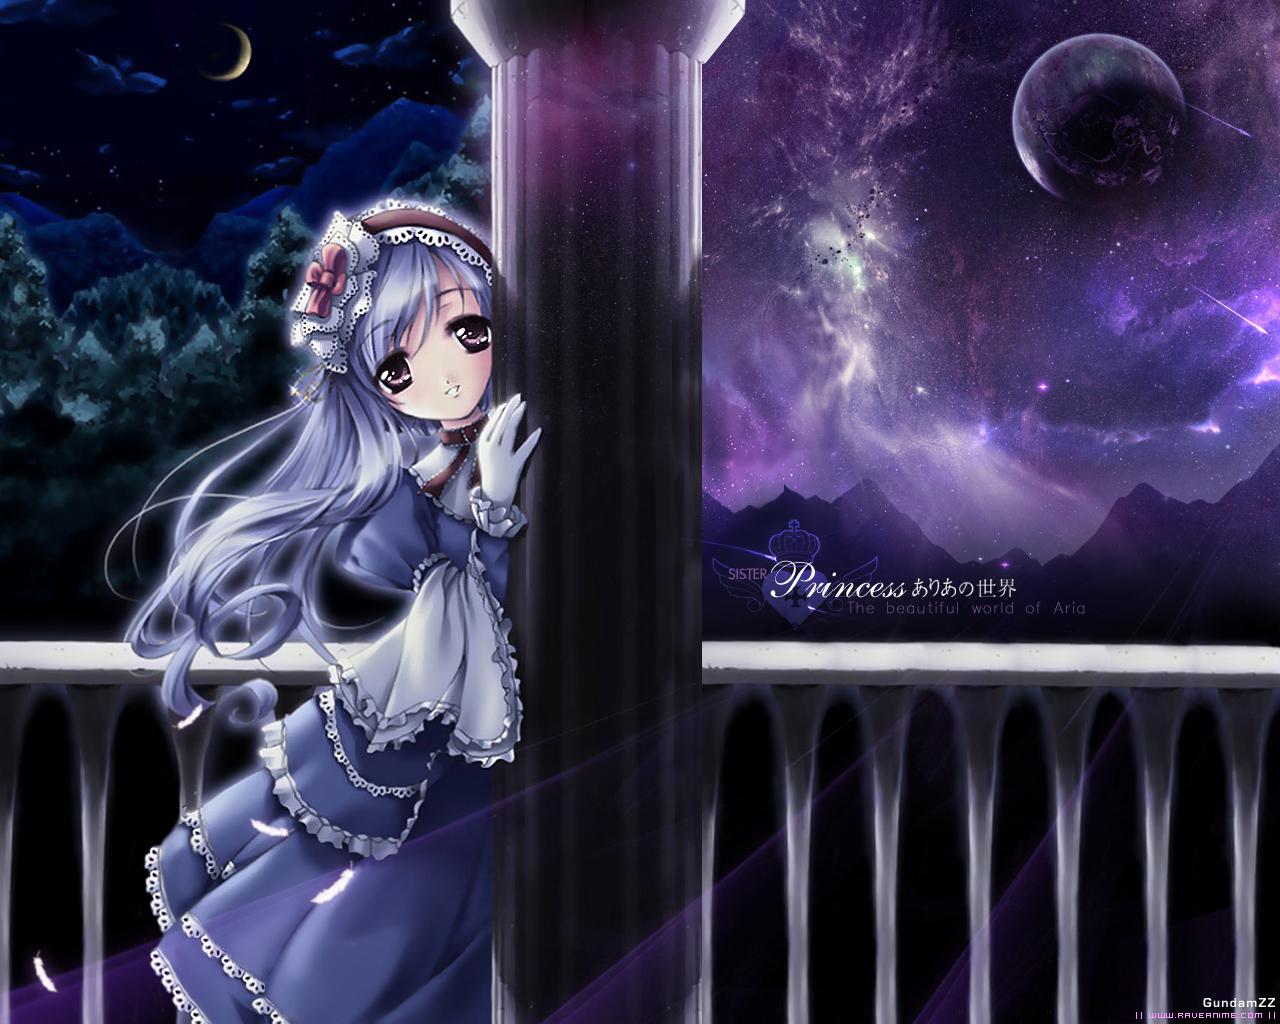 http://3.bp.blogspot.com/_LRCw7RcDFW0/TToLYSEz3UI/AAAAAAAAAEM/E7OnafwCXVI/s1600/001_Sister_Princess.jpg